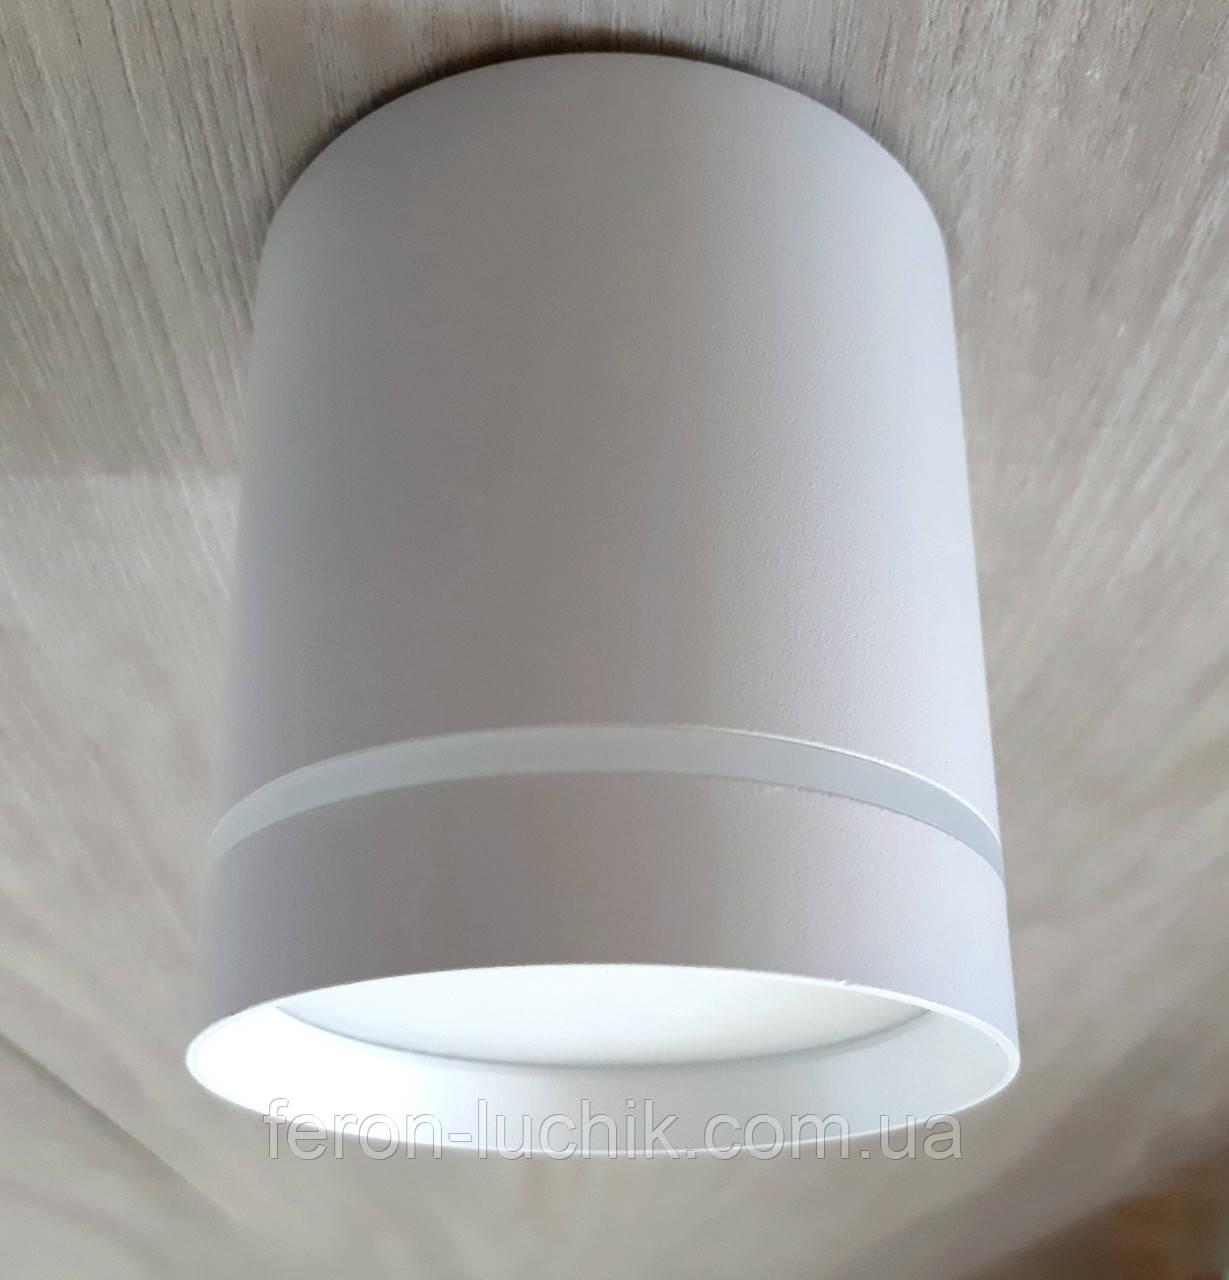 Потолочный светильник LED Feron AL543 10W 4000K точечный накладной светодиодный цилиндр Белый